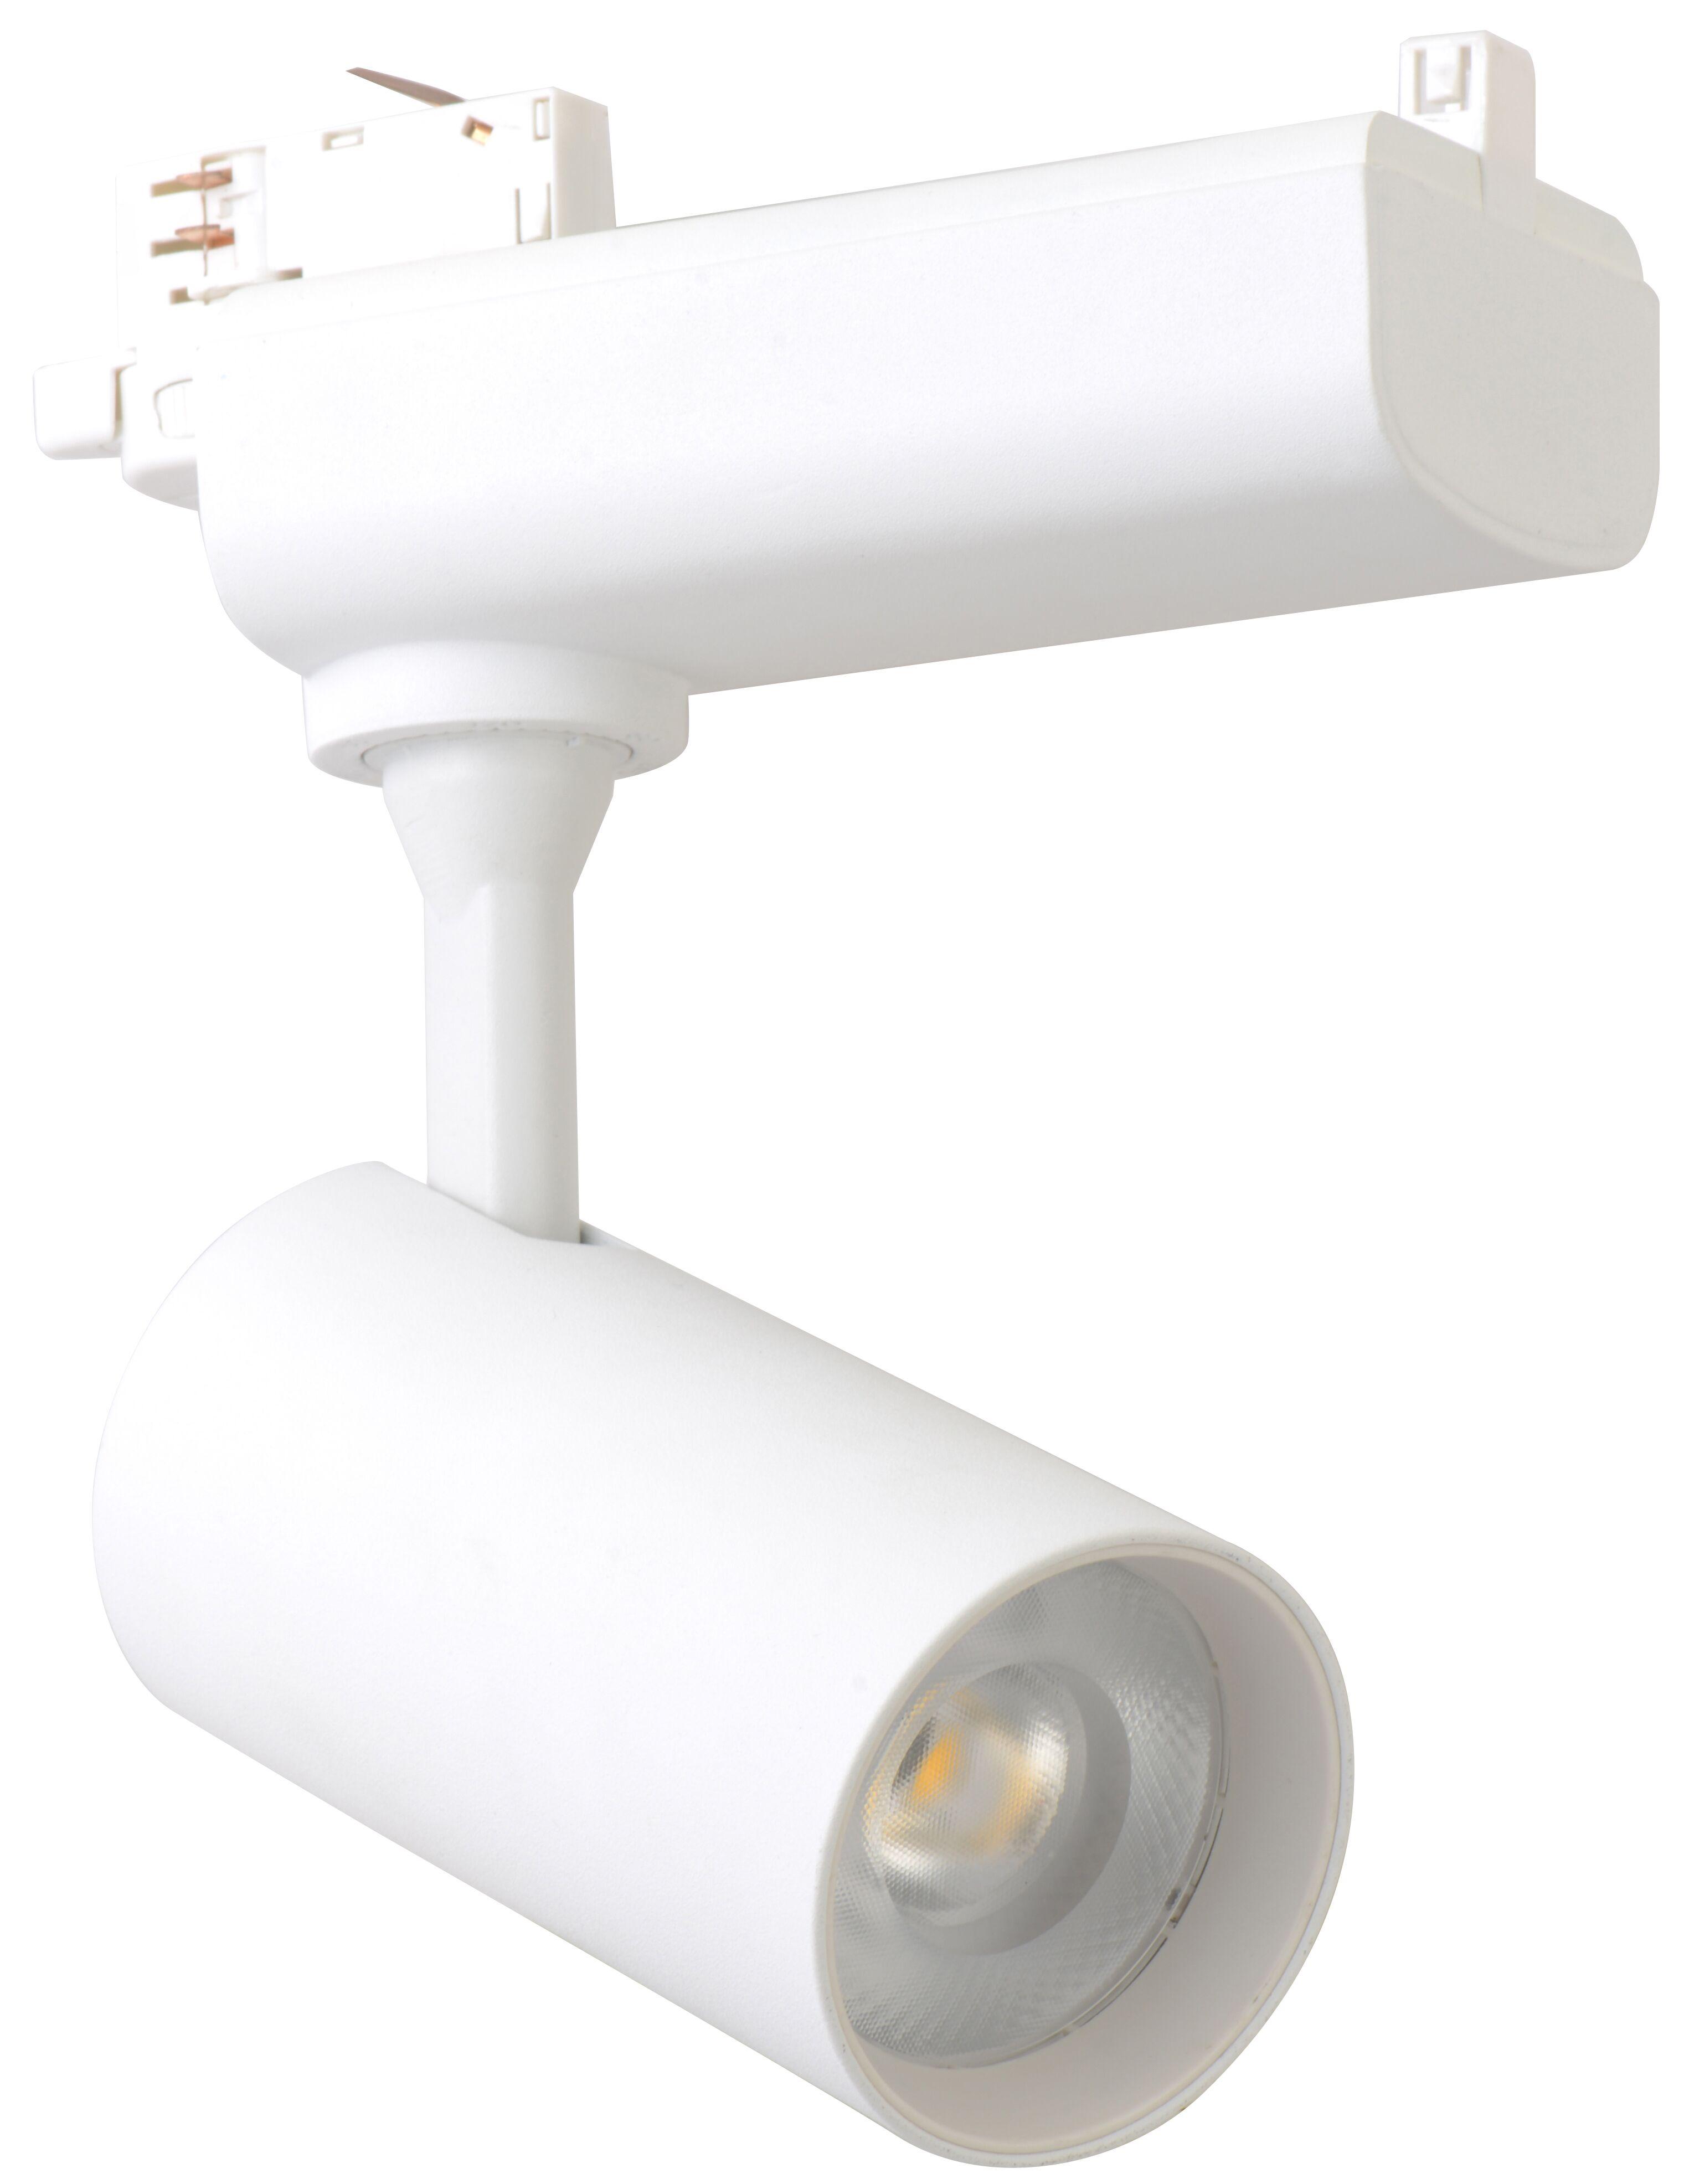 LED Track Light 006-30W 2700LM